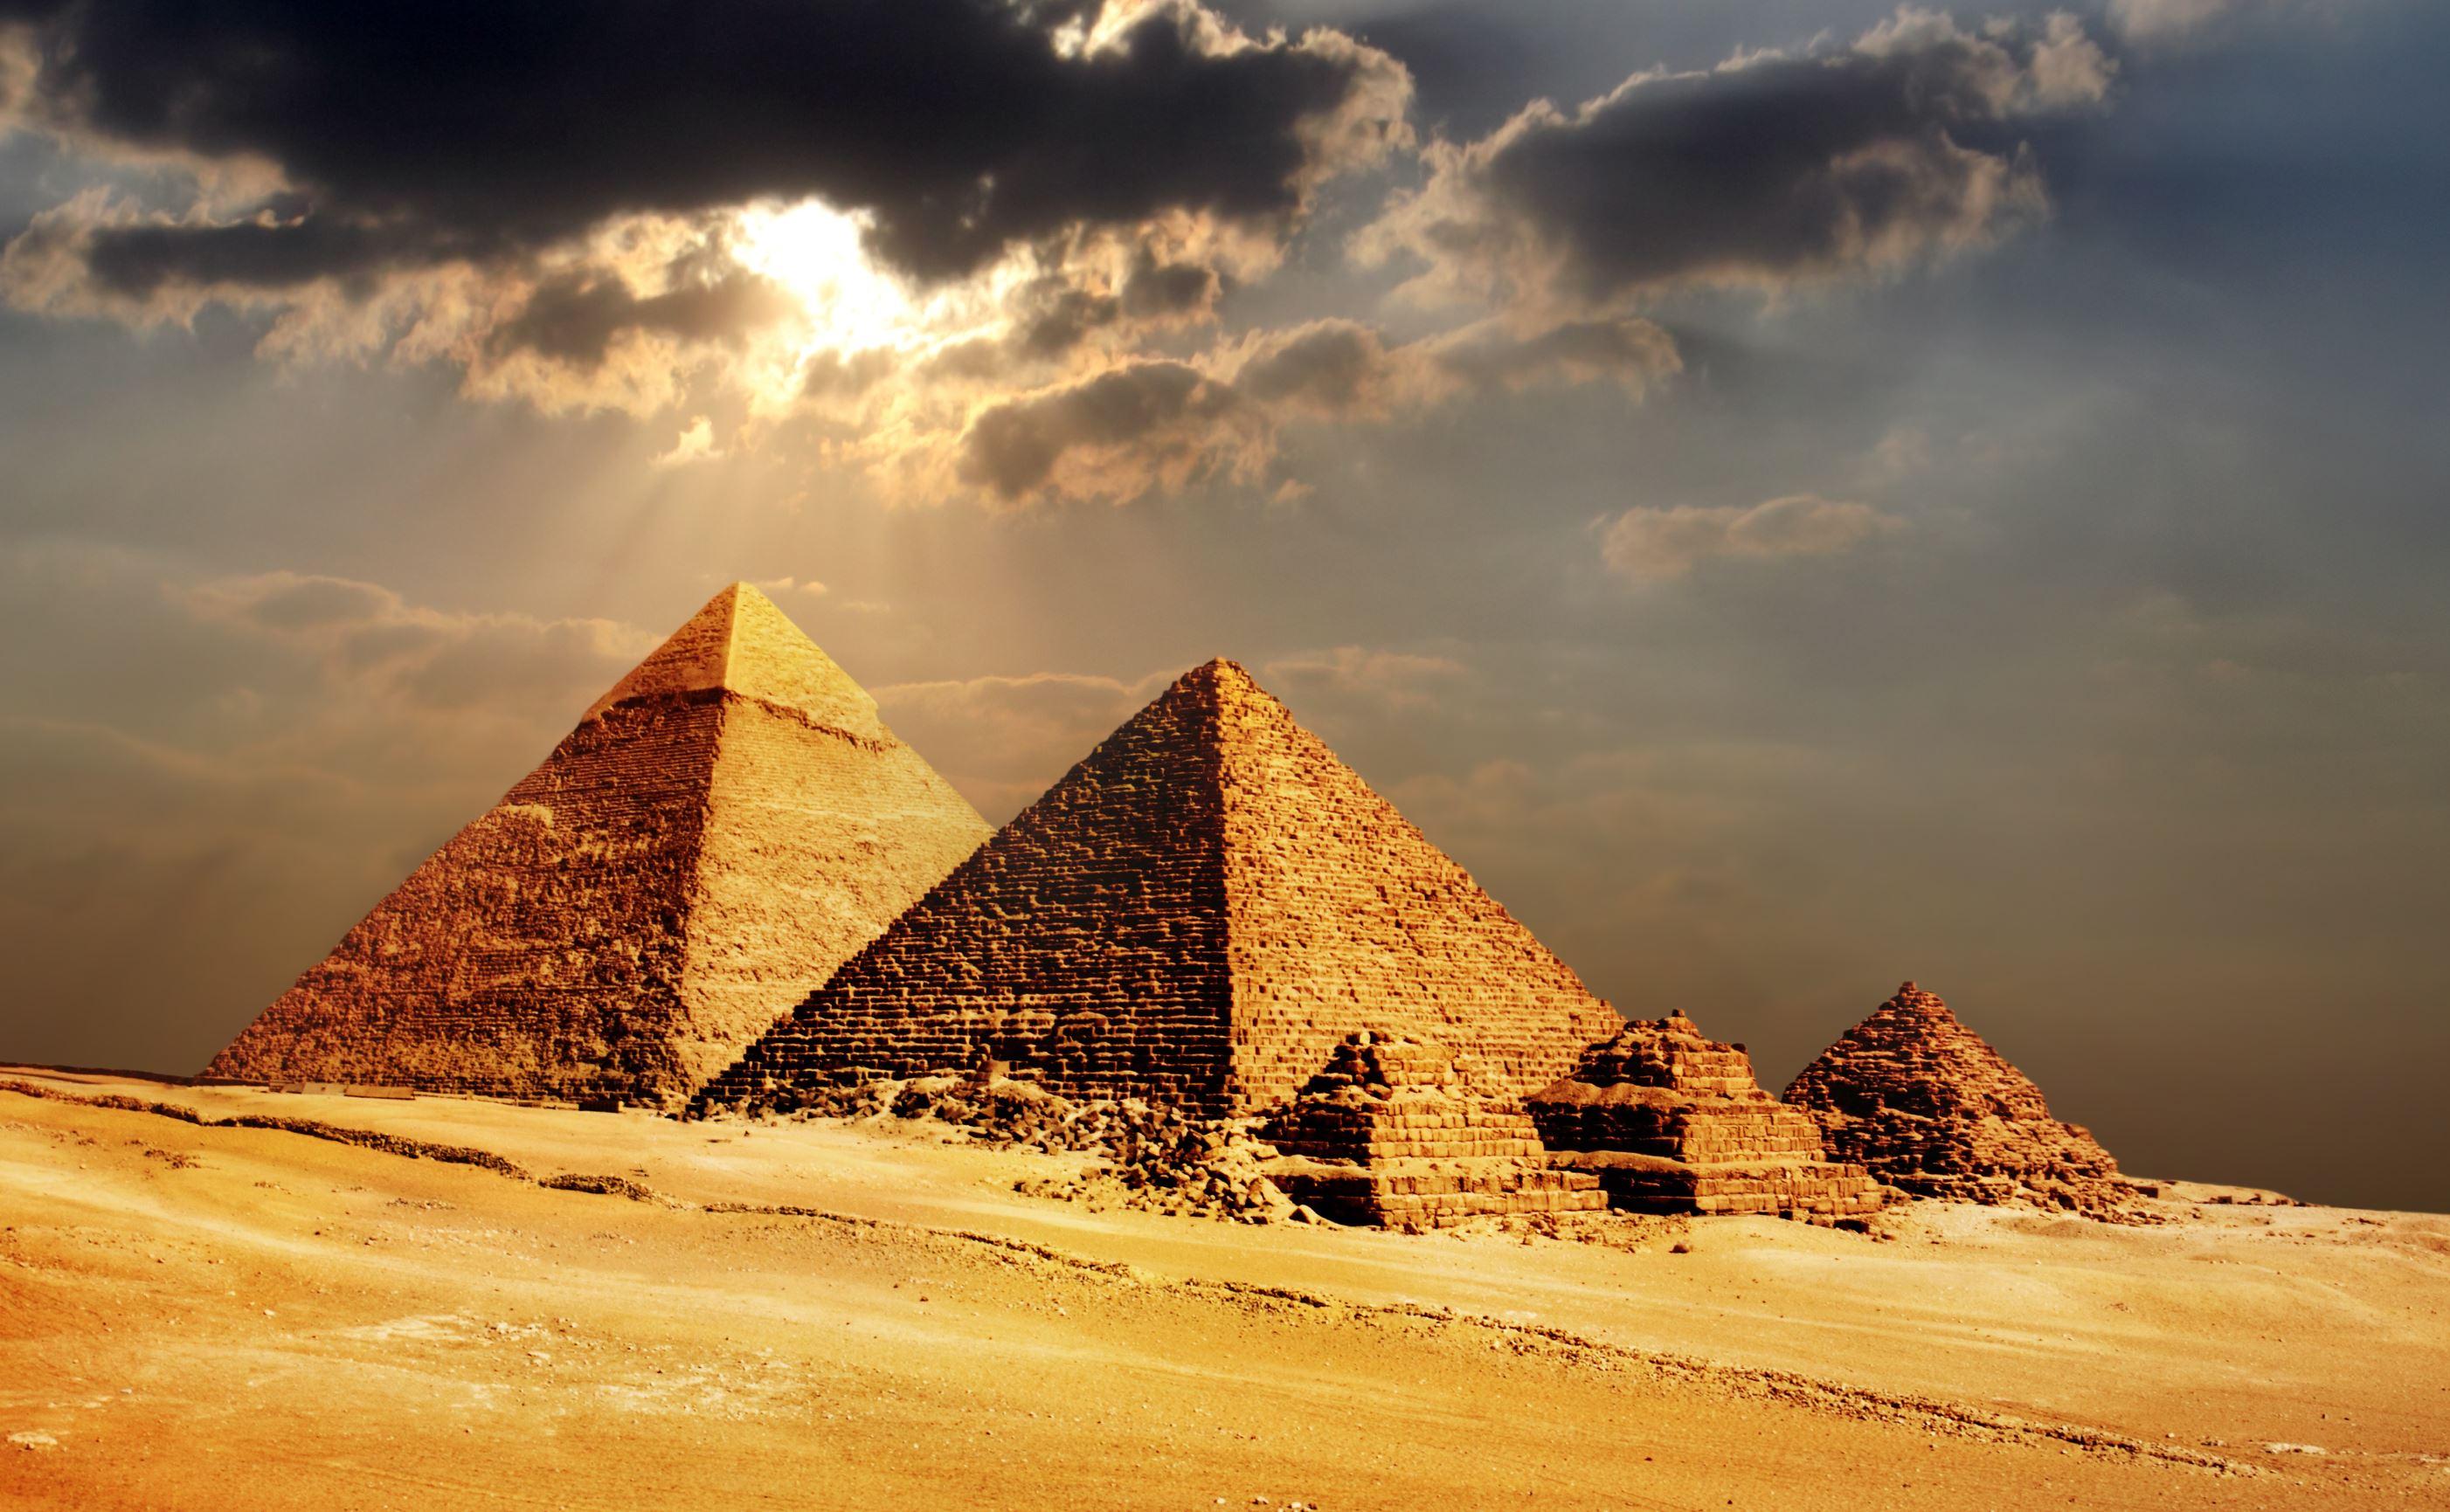 (P) Egiptenii au hotărât: cei care se cățără pe piramide vor plăti amenzi usturătoare sau pot ajunge chiar la închisoare